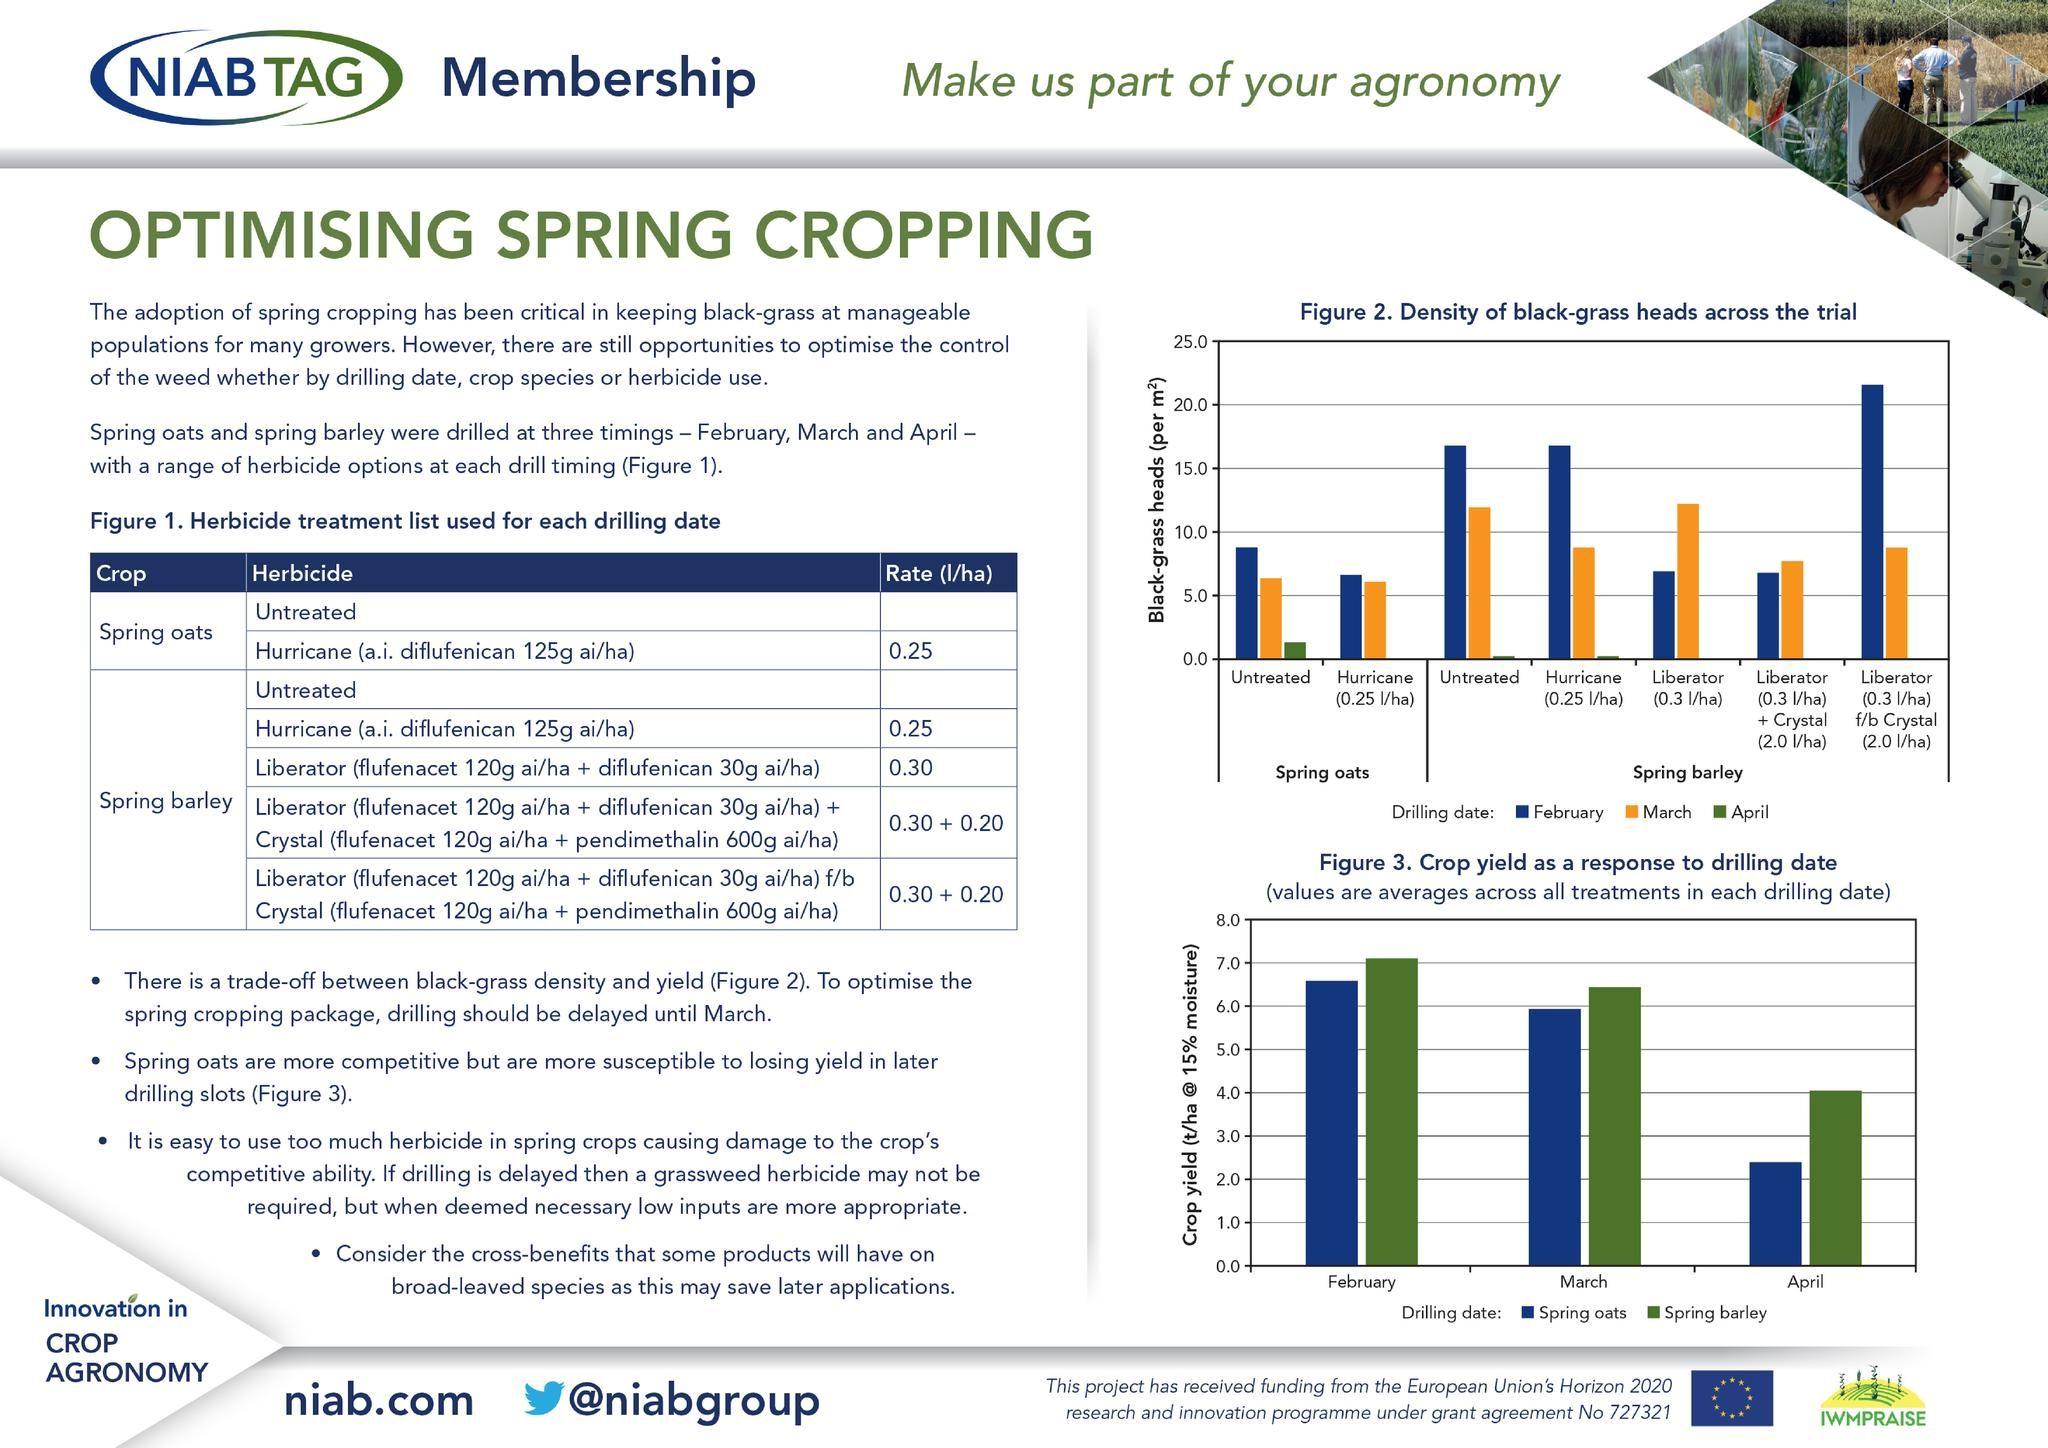 Optimising spring cropping